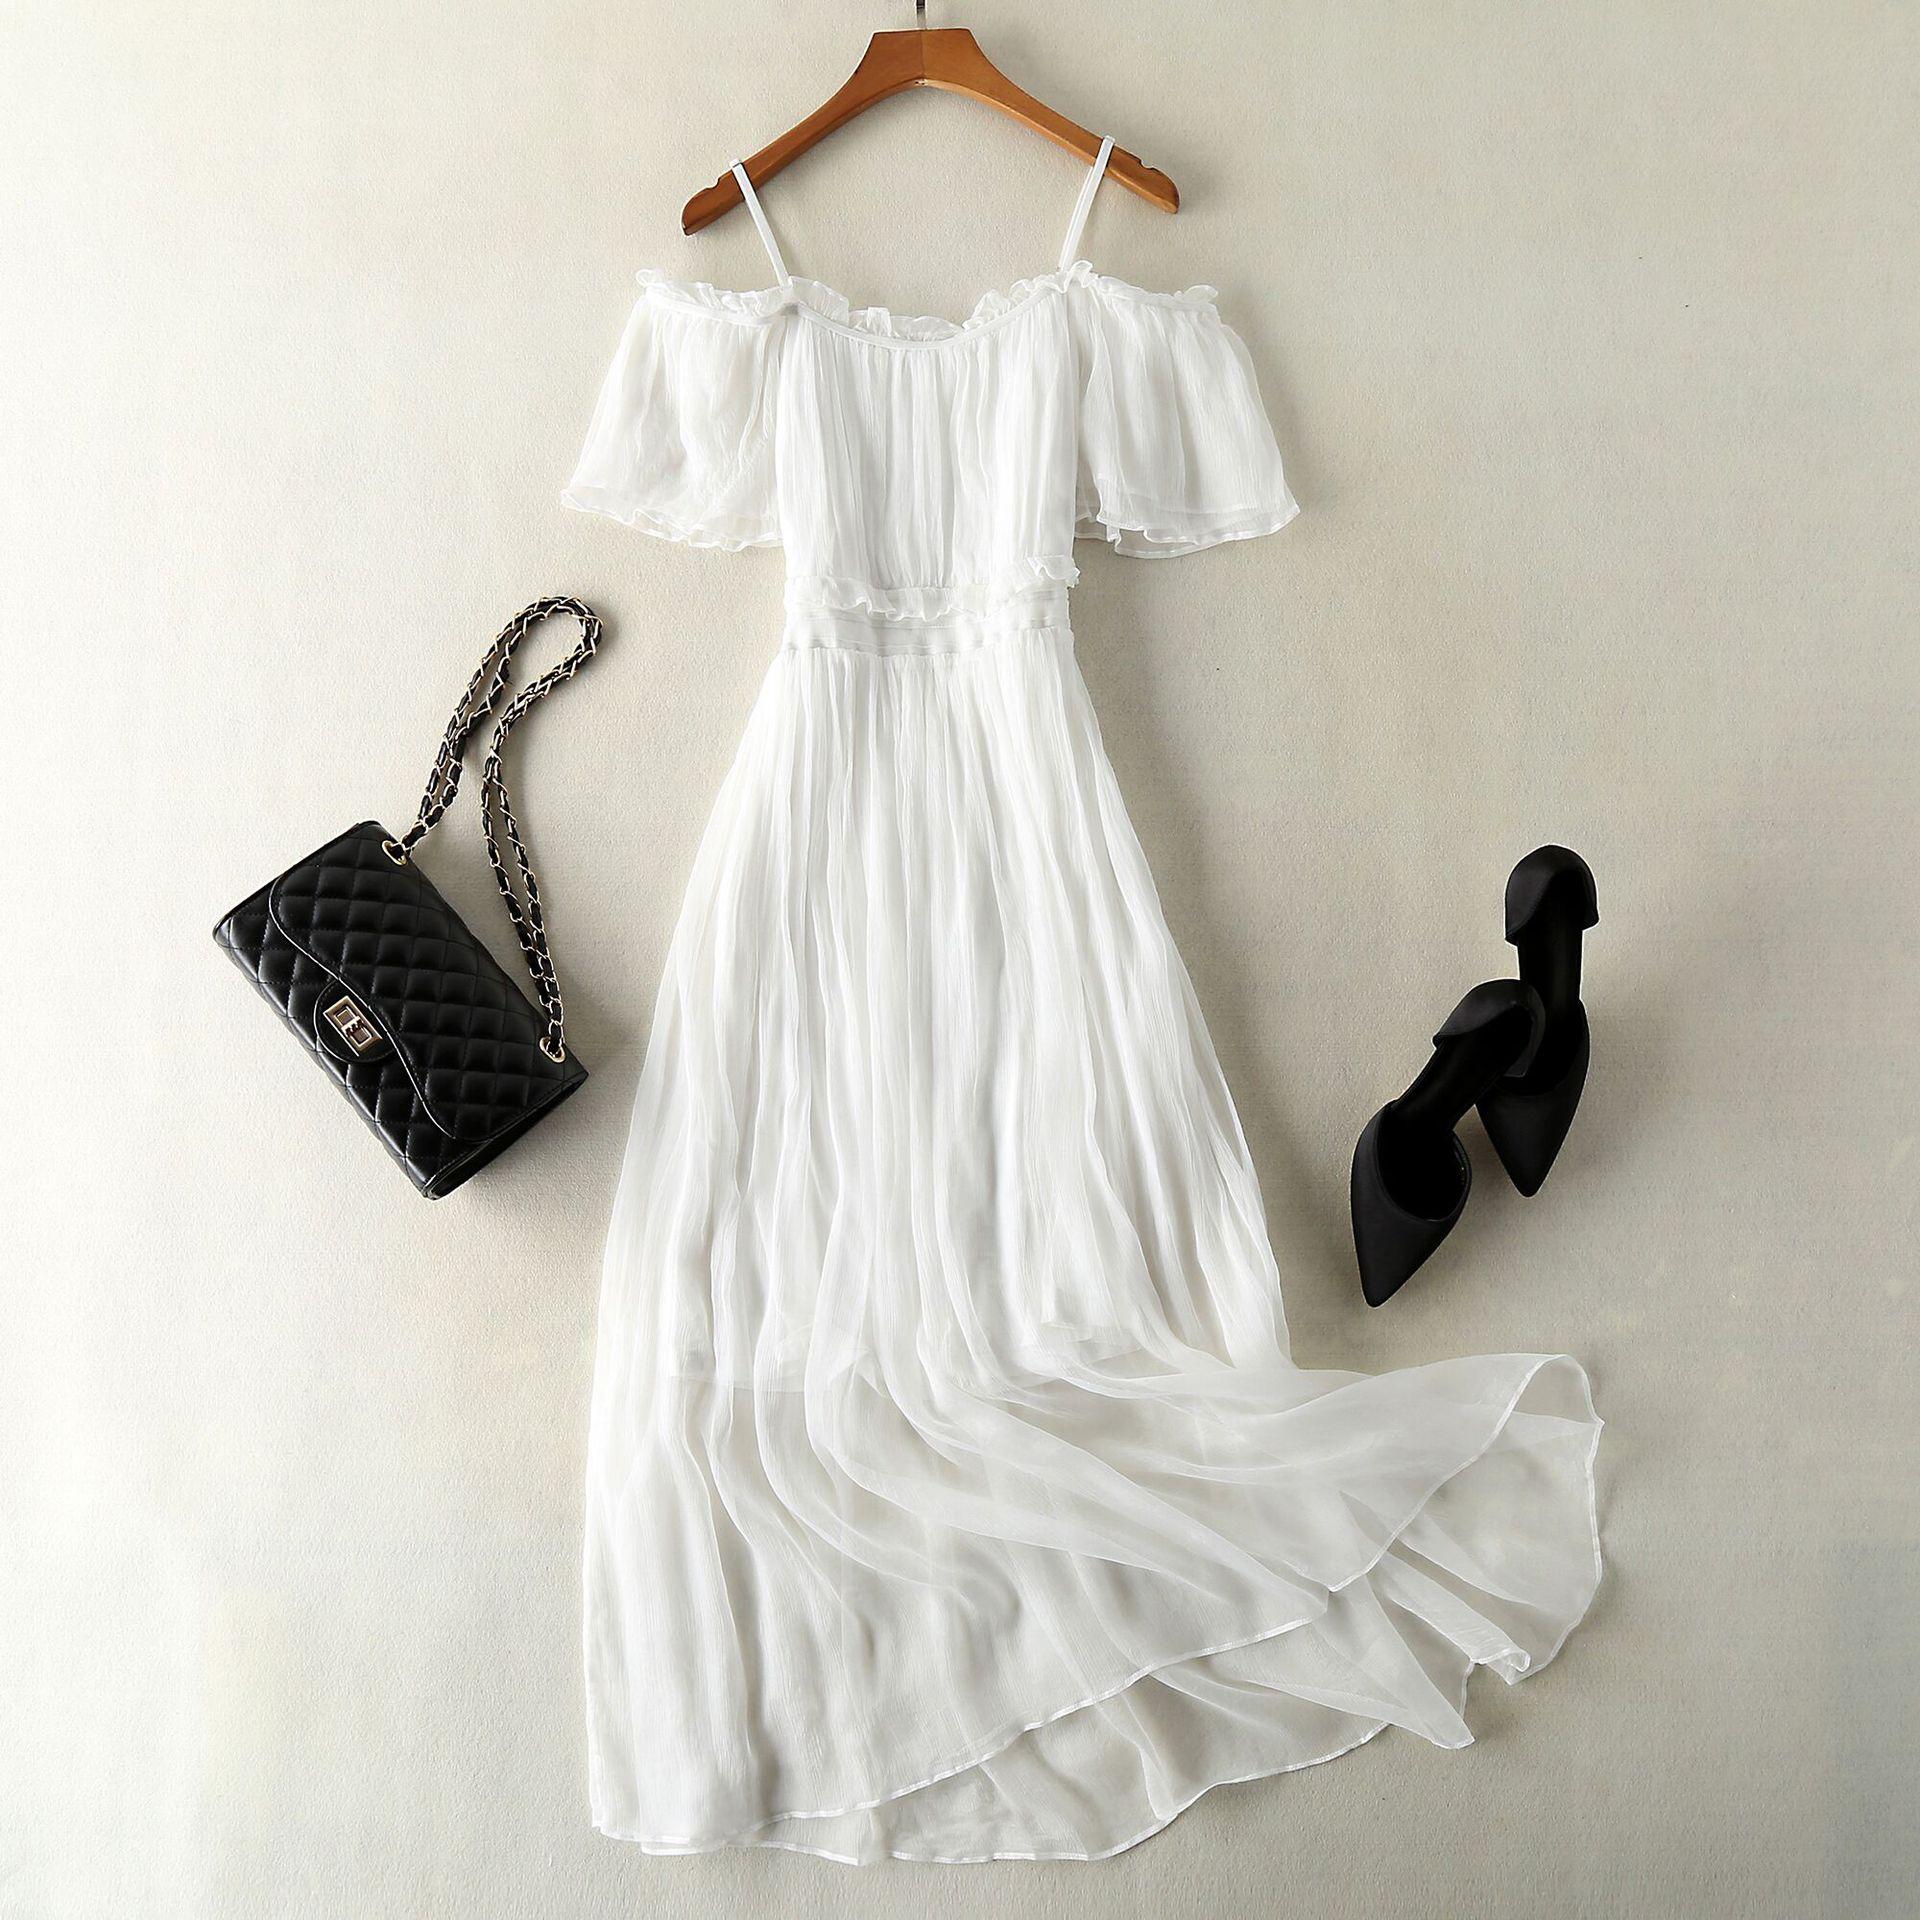 高端气质杭州真丝超长仙女连衣裙荷叶边桑蚕丝海边度假沙滩裙品牌